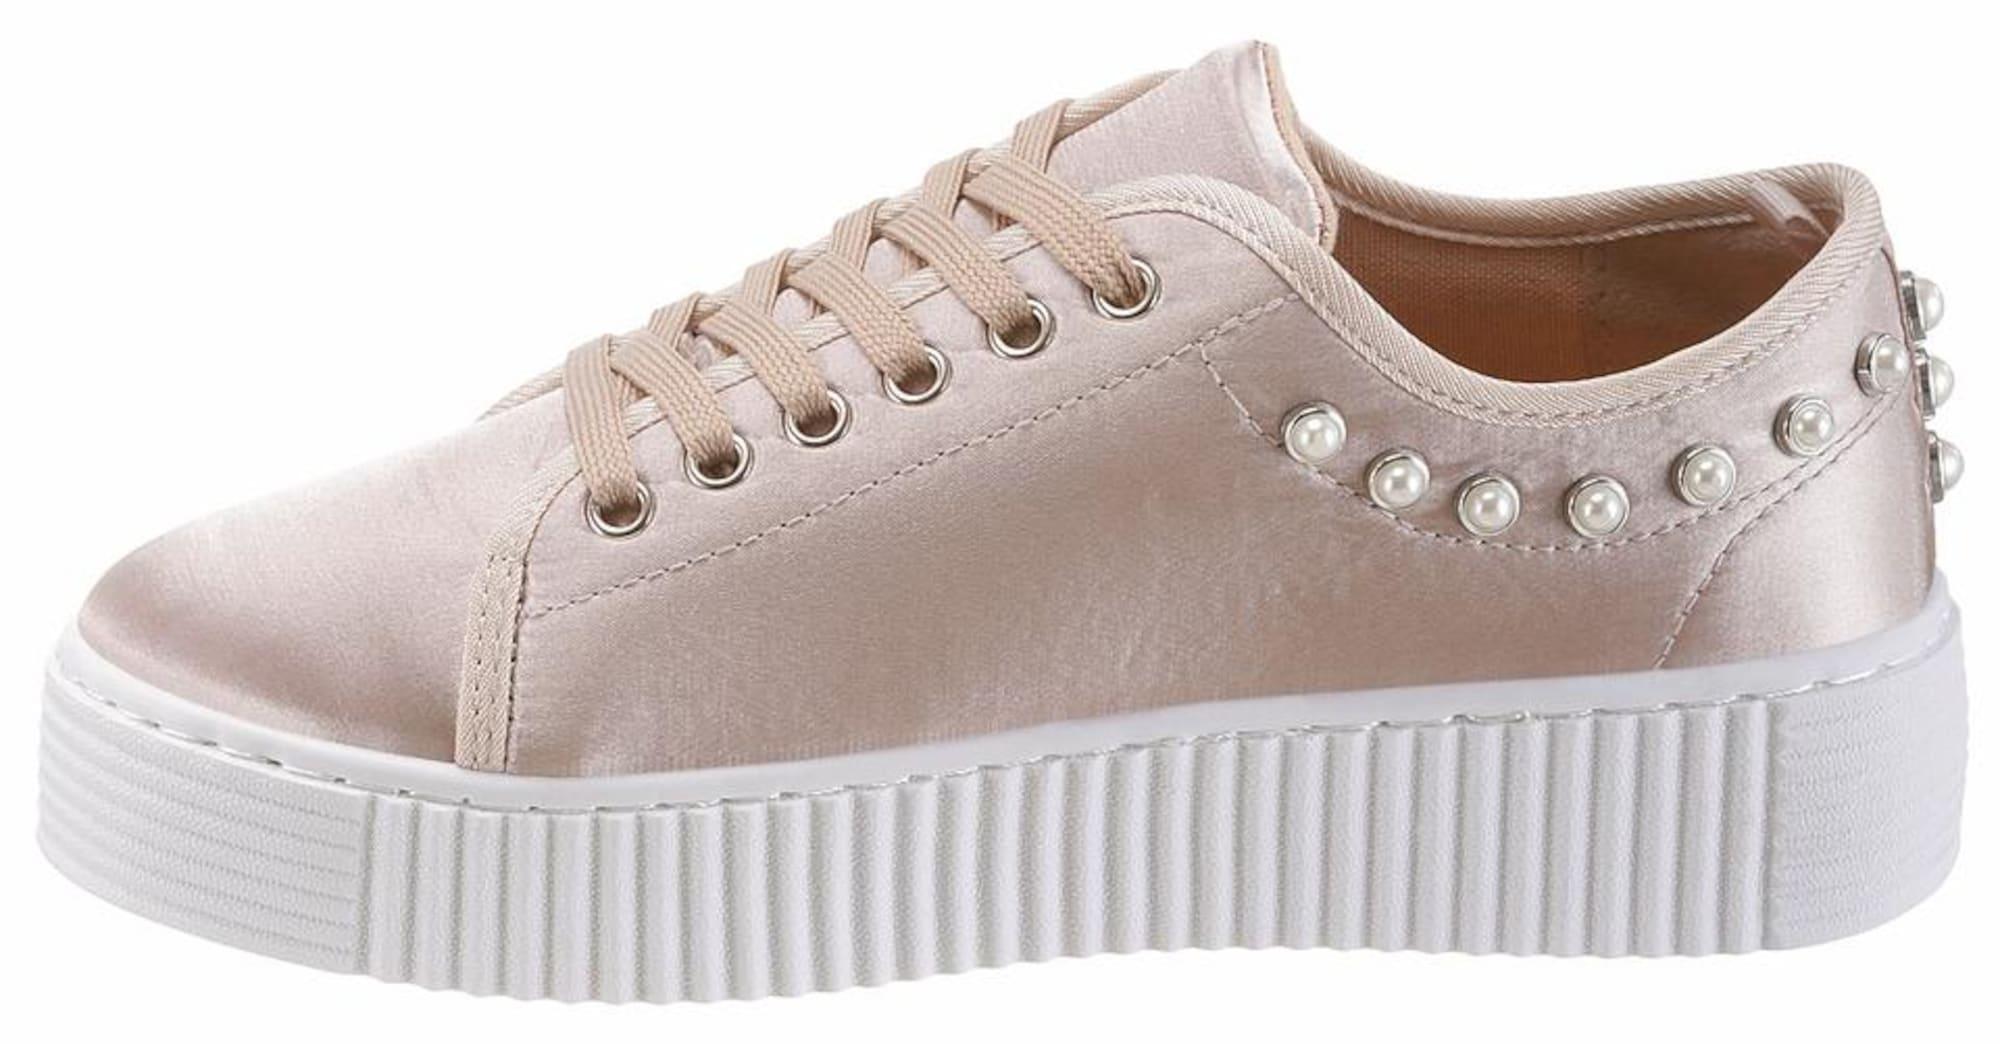 zabaione Sneaker für Damen online kaufen | Damenmode